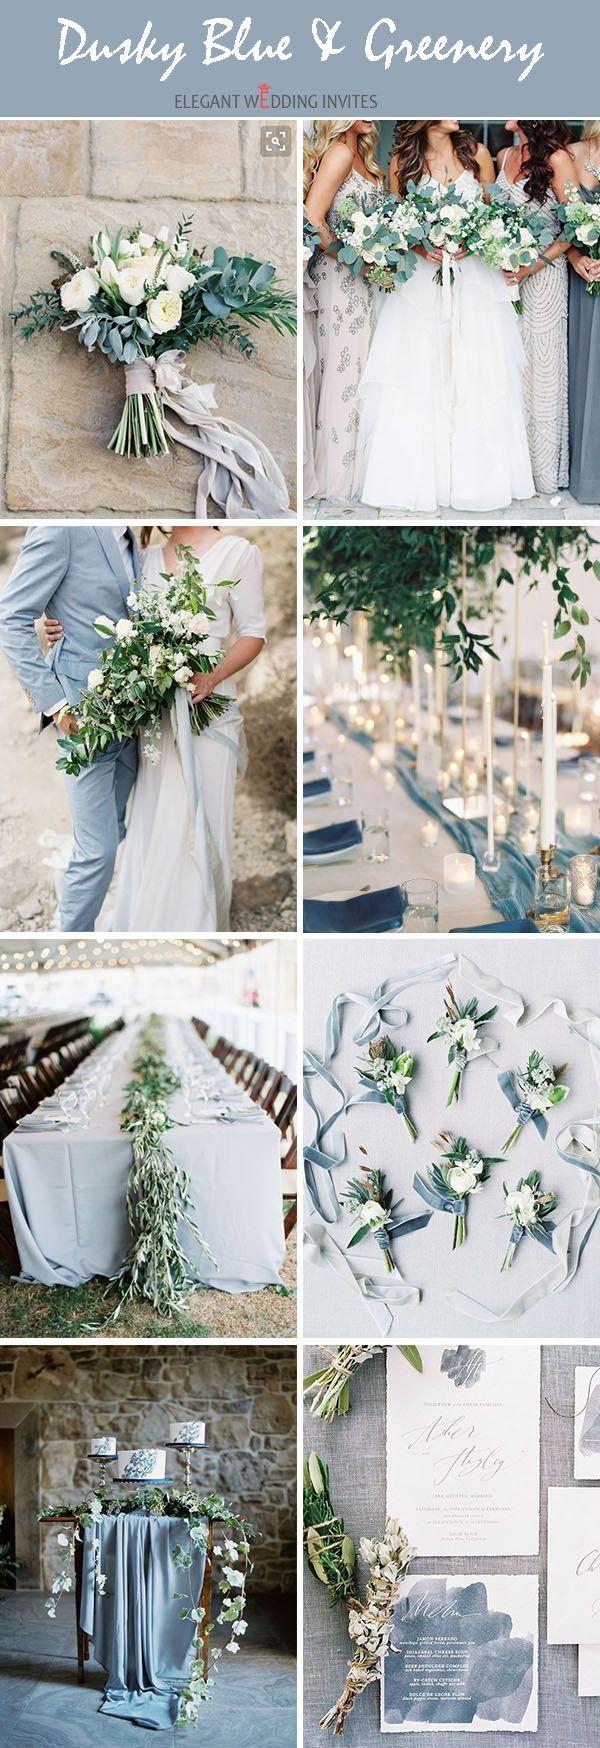 昏暗的蓝调中性色调有机婚礼调色板的想法适合所有季节